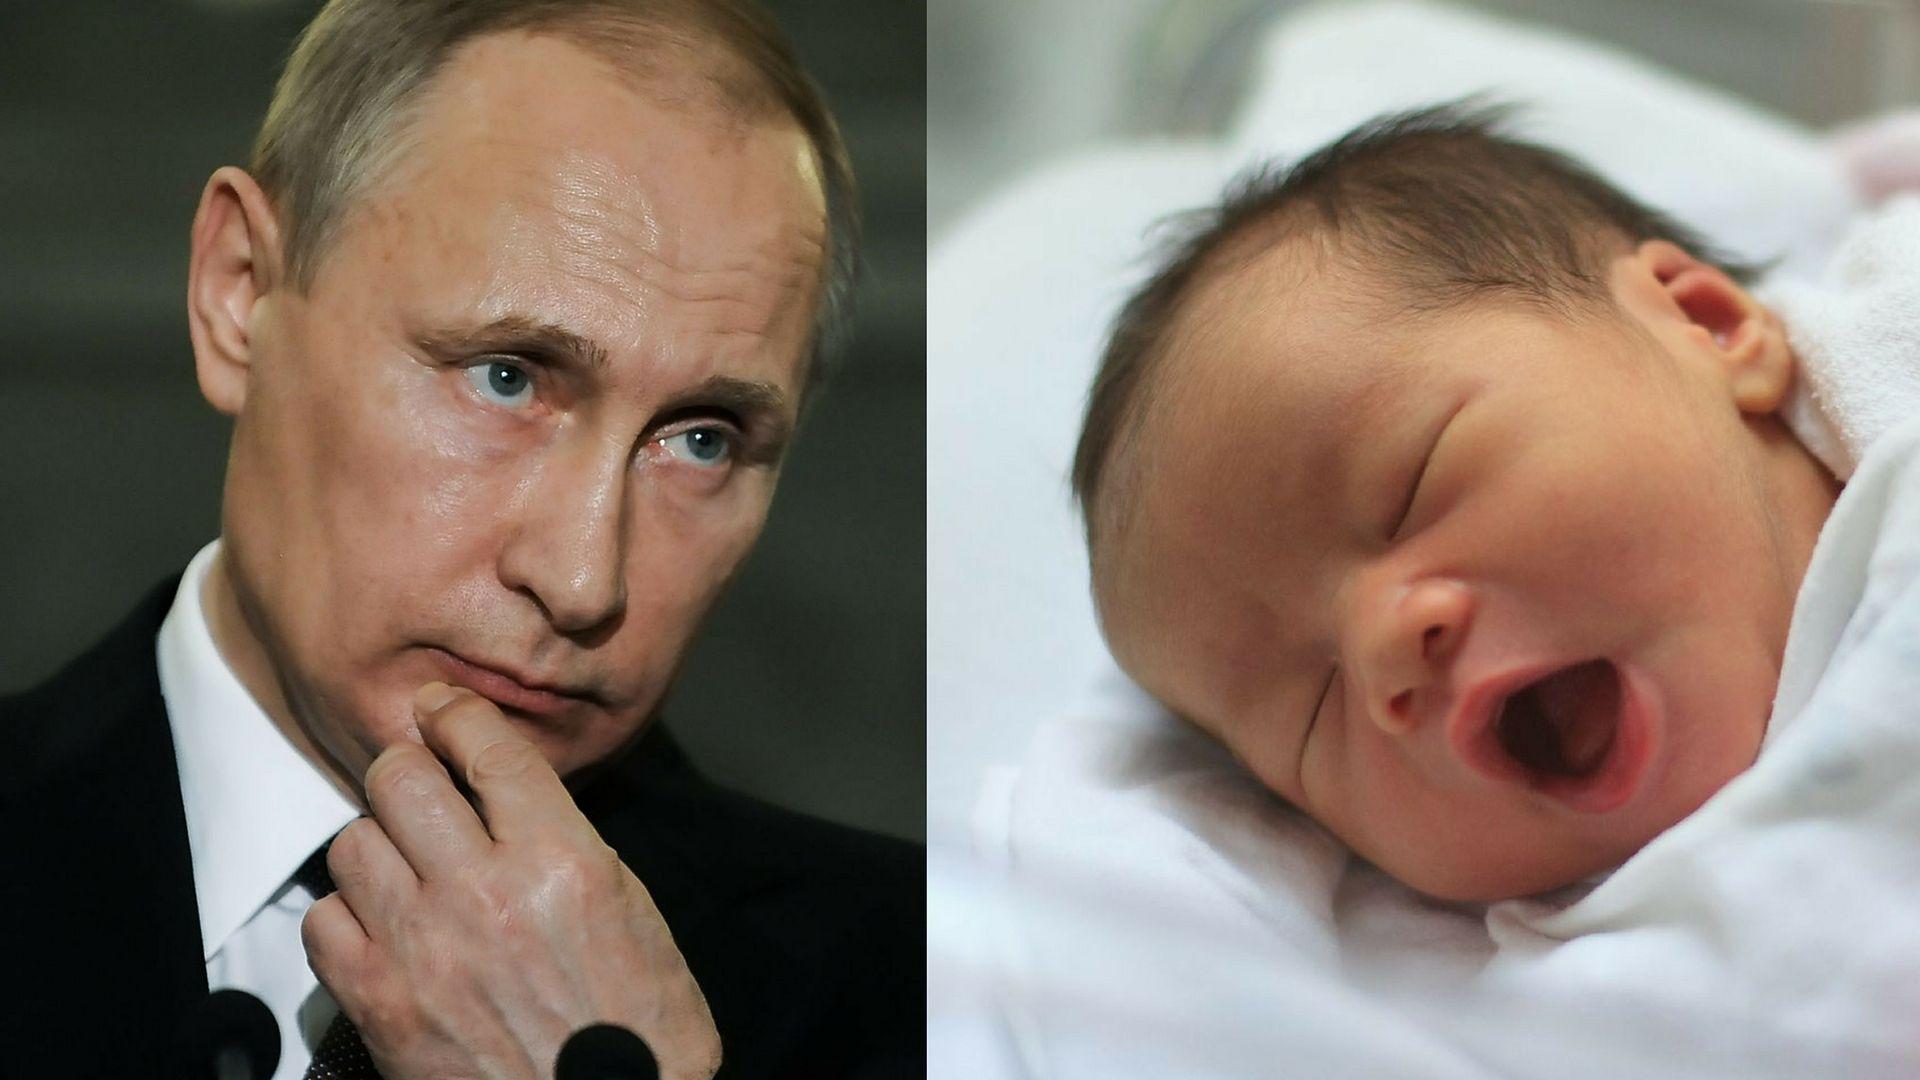 5efea966c15786 Syryjski żołnierz nazwał swojego syna Władimir Putin | WP parenting